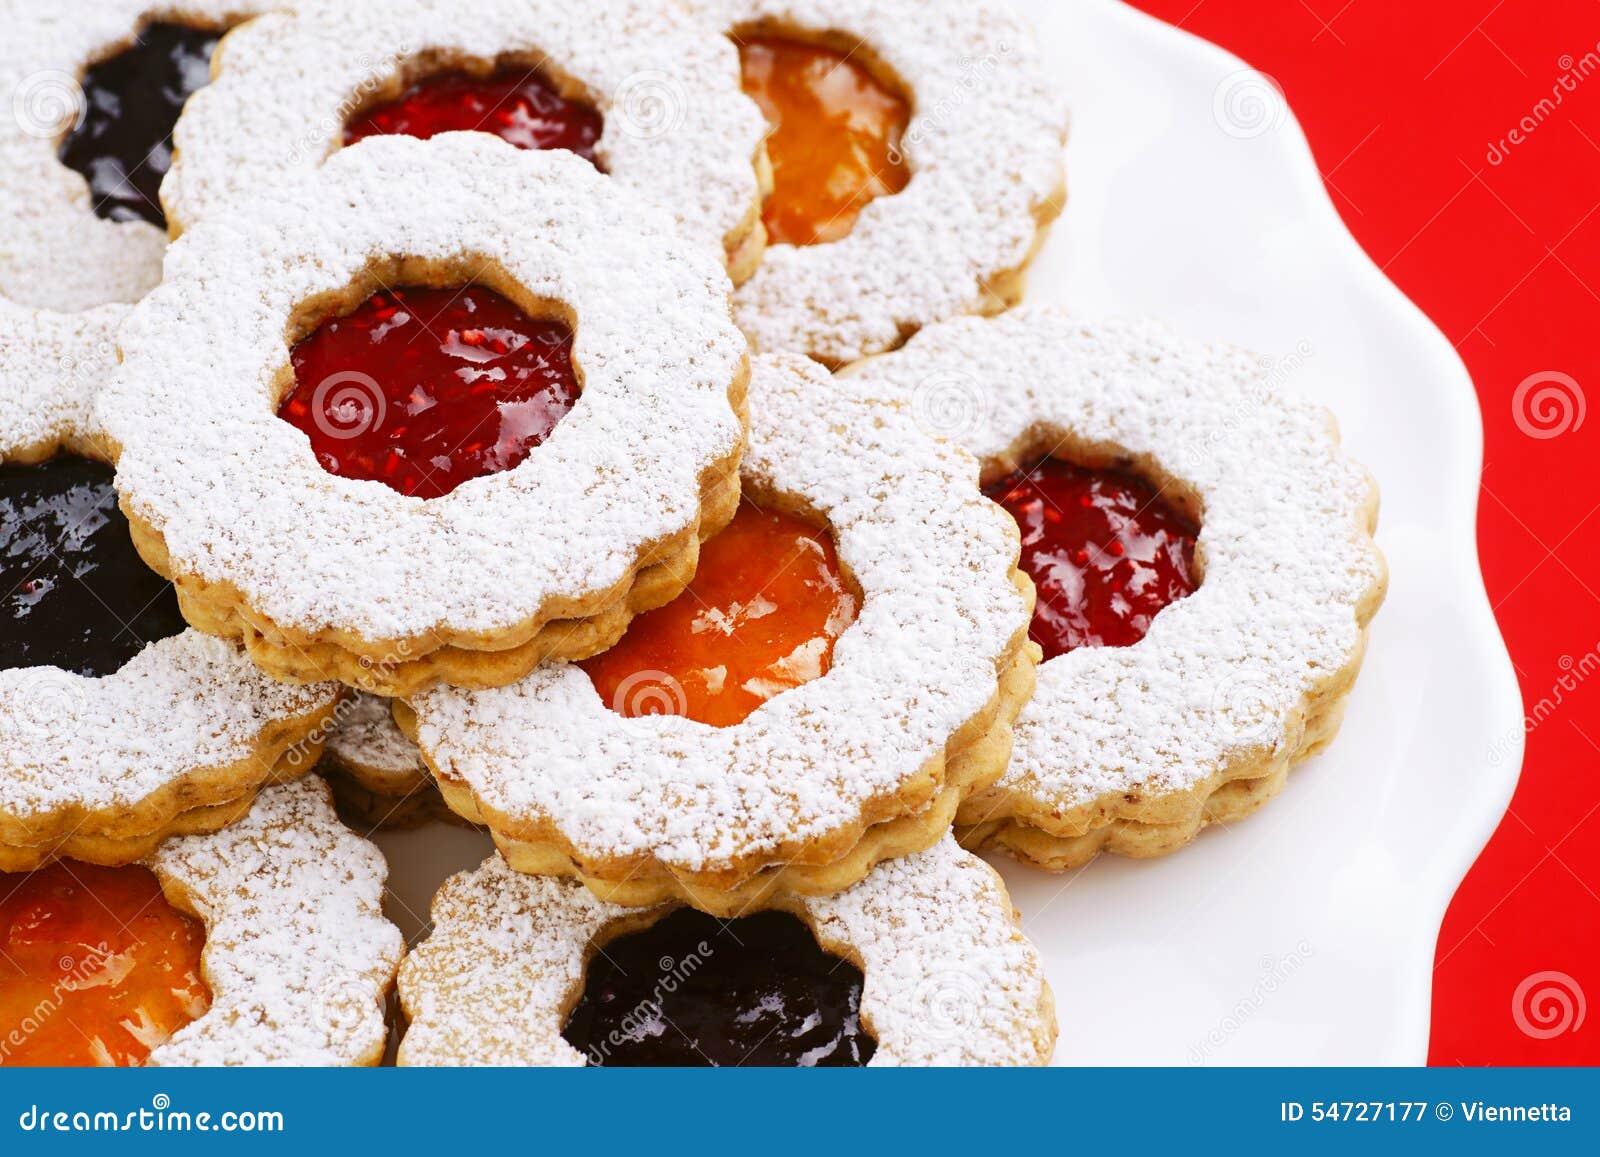 Watch Best Linzer Cookies video